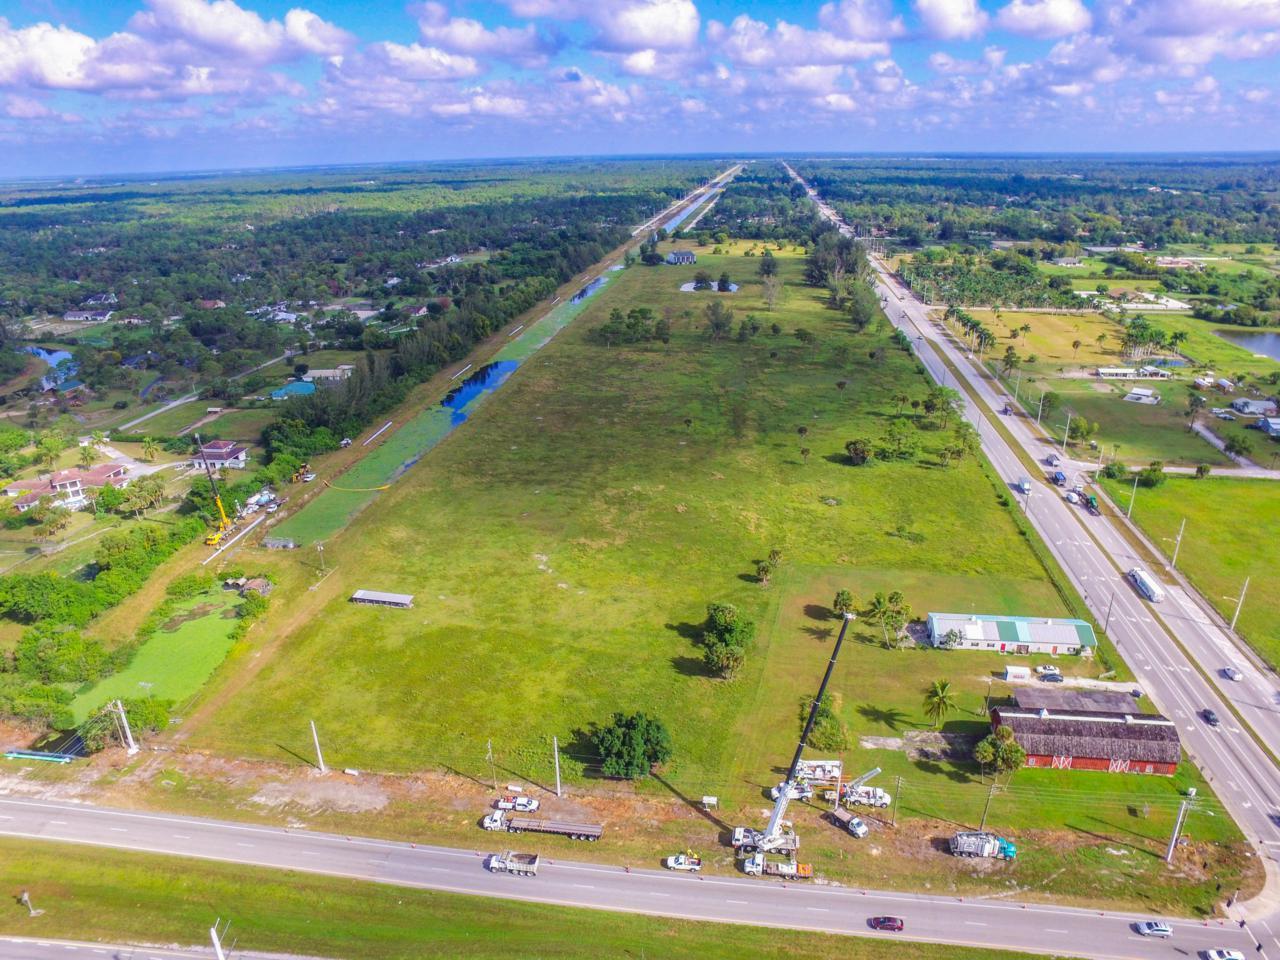 35 Seminole Pratt Whitney Road - Photo 1